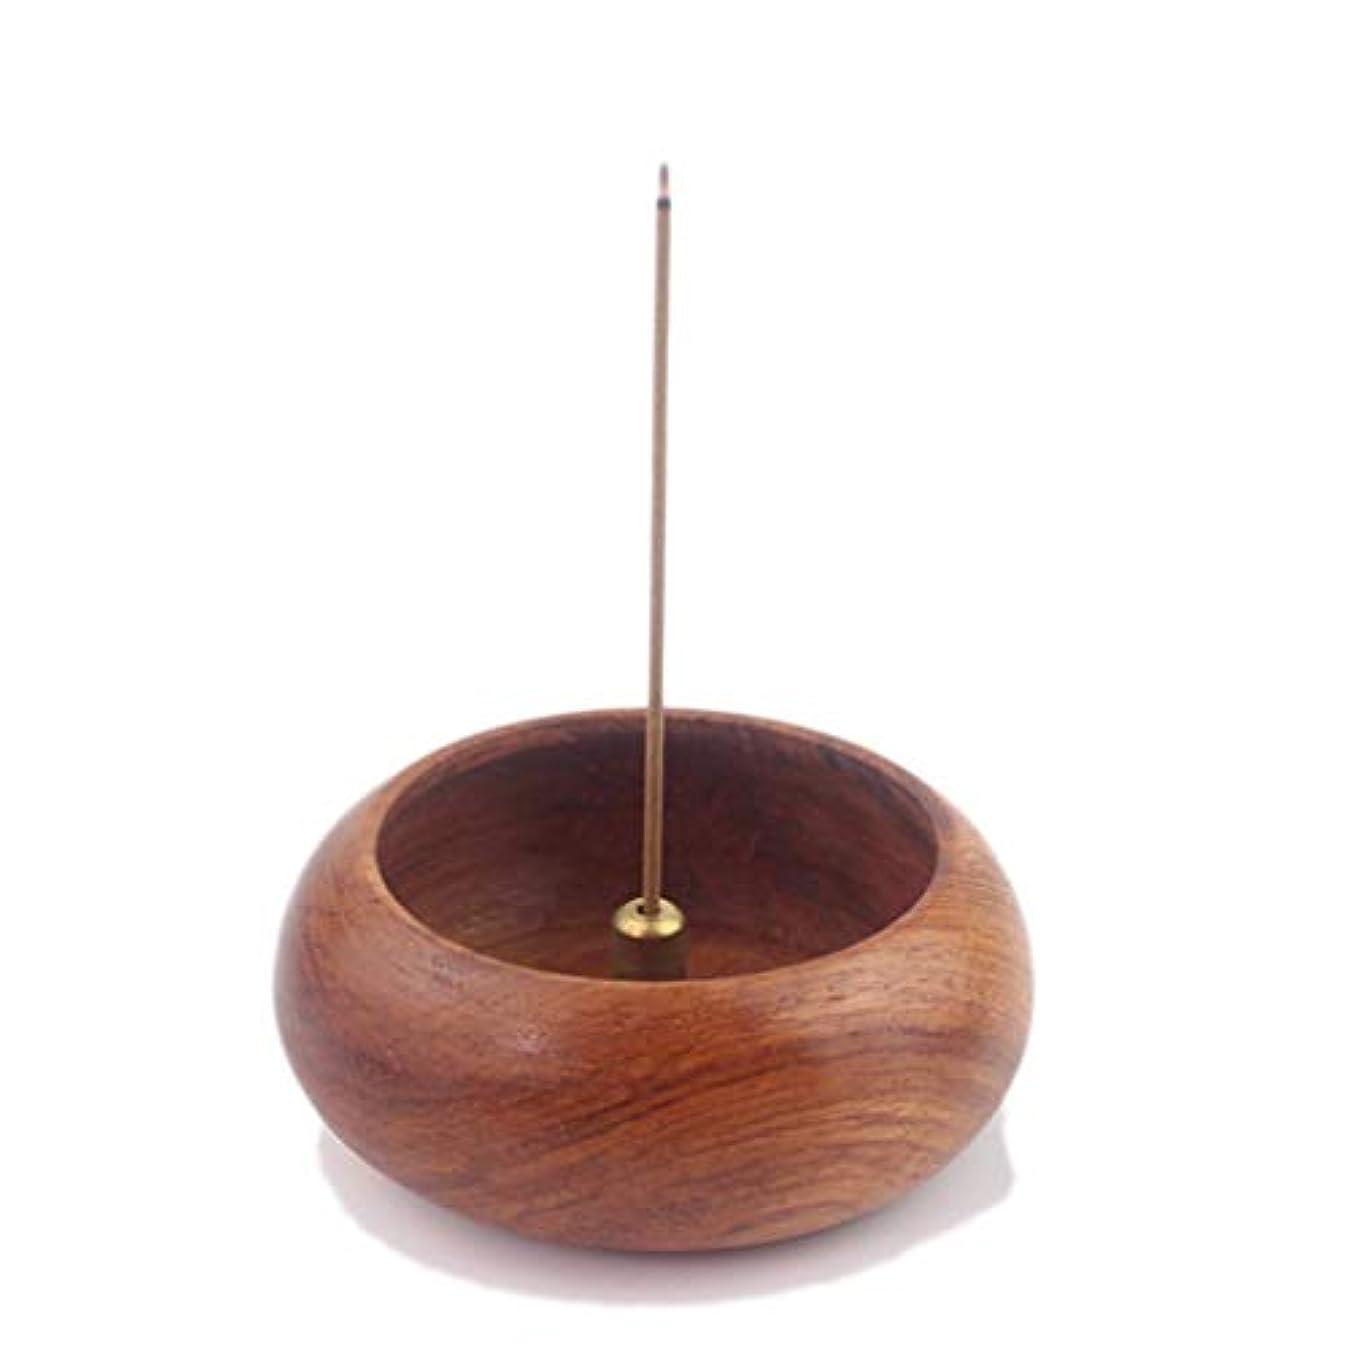 どう?ホールドオールジャングルローズウッドボウル型香炉ホルダーキャンドルアロマセラピー炉香ホルダーホームリビングルーム香バーナー装飾 芳香器?アロマバーナー (Color : Wood, サイズ : 6.2*2.4cm)